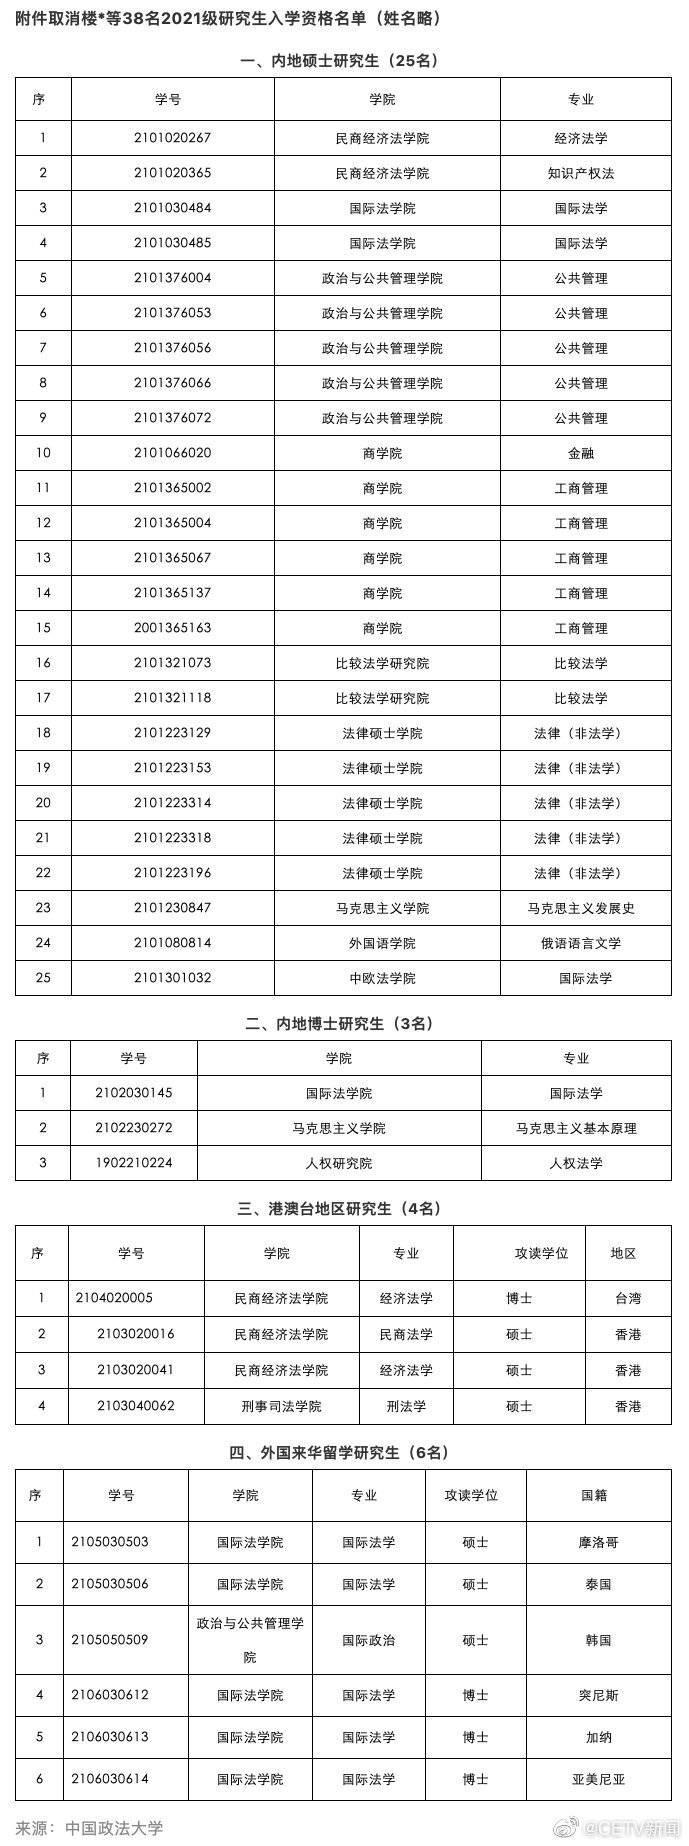 中国政法大学公示拟取消38名研究生入学资格